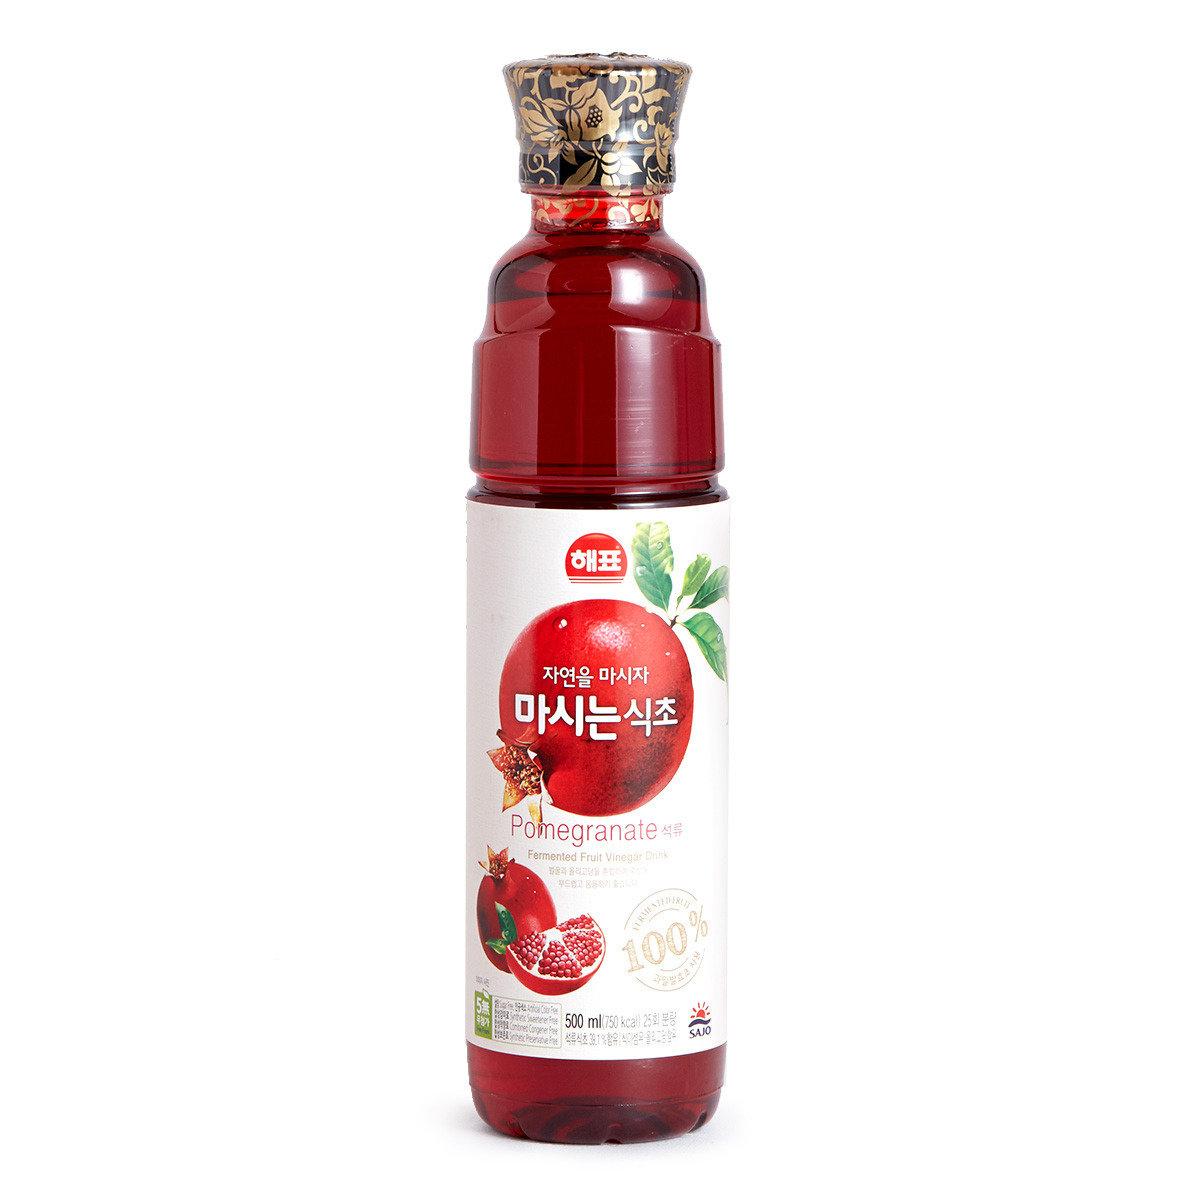 果醋 - 紅石榴 (樽裝)